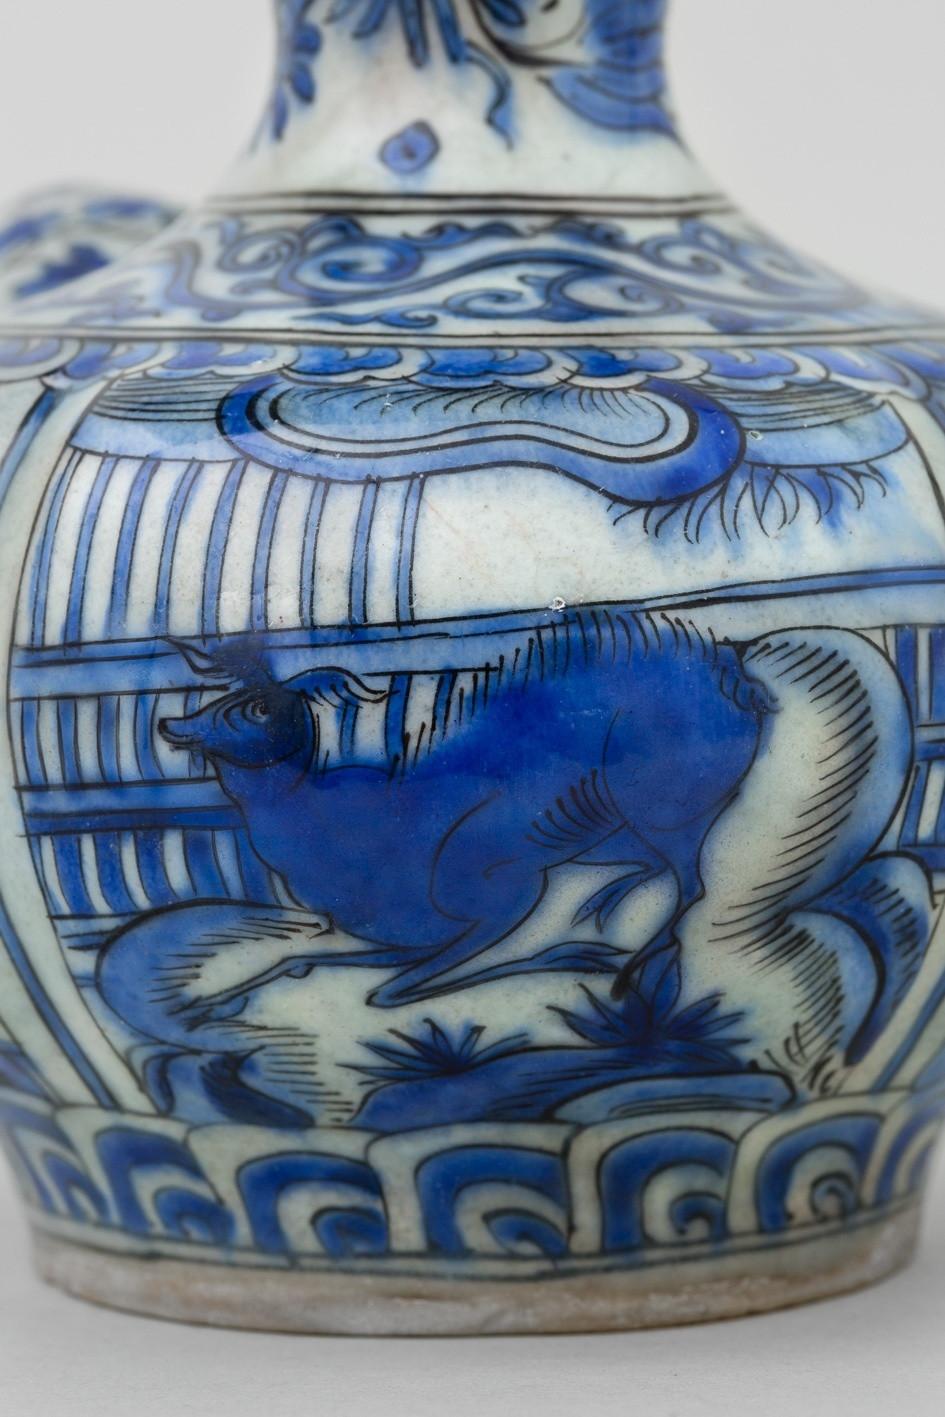 ming vase markings of a safavid kendi 17th century anita gray regarding a safavid kendi